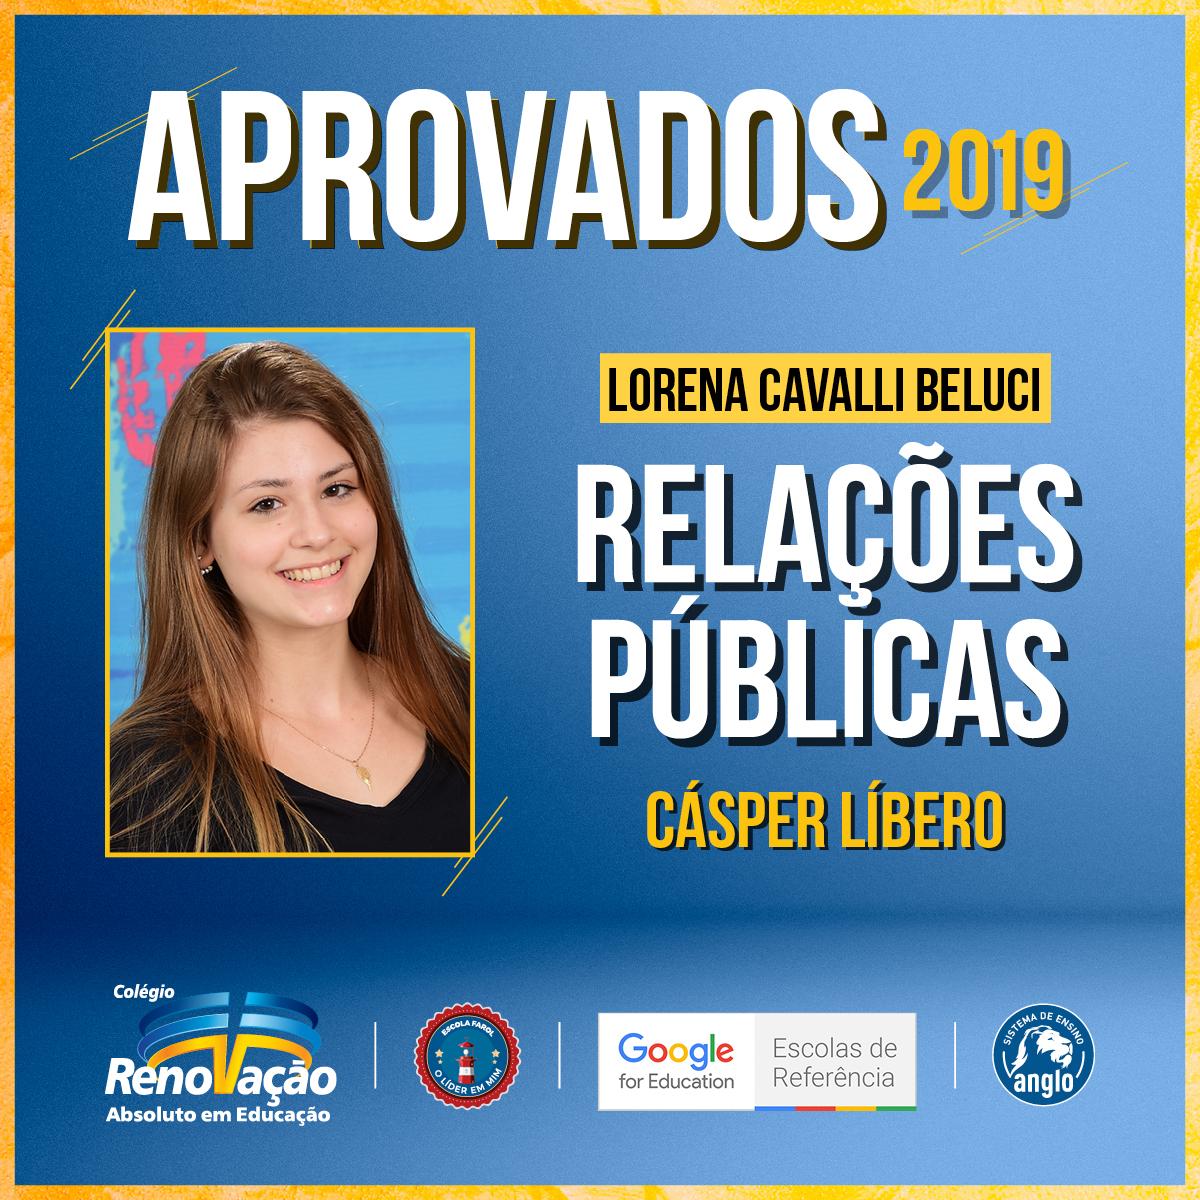 16992_Desdobramentos_Post_BannerAprovados2019_ColegioRenovacaoSP29